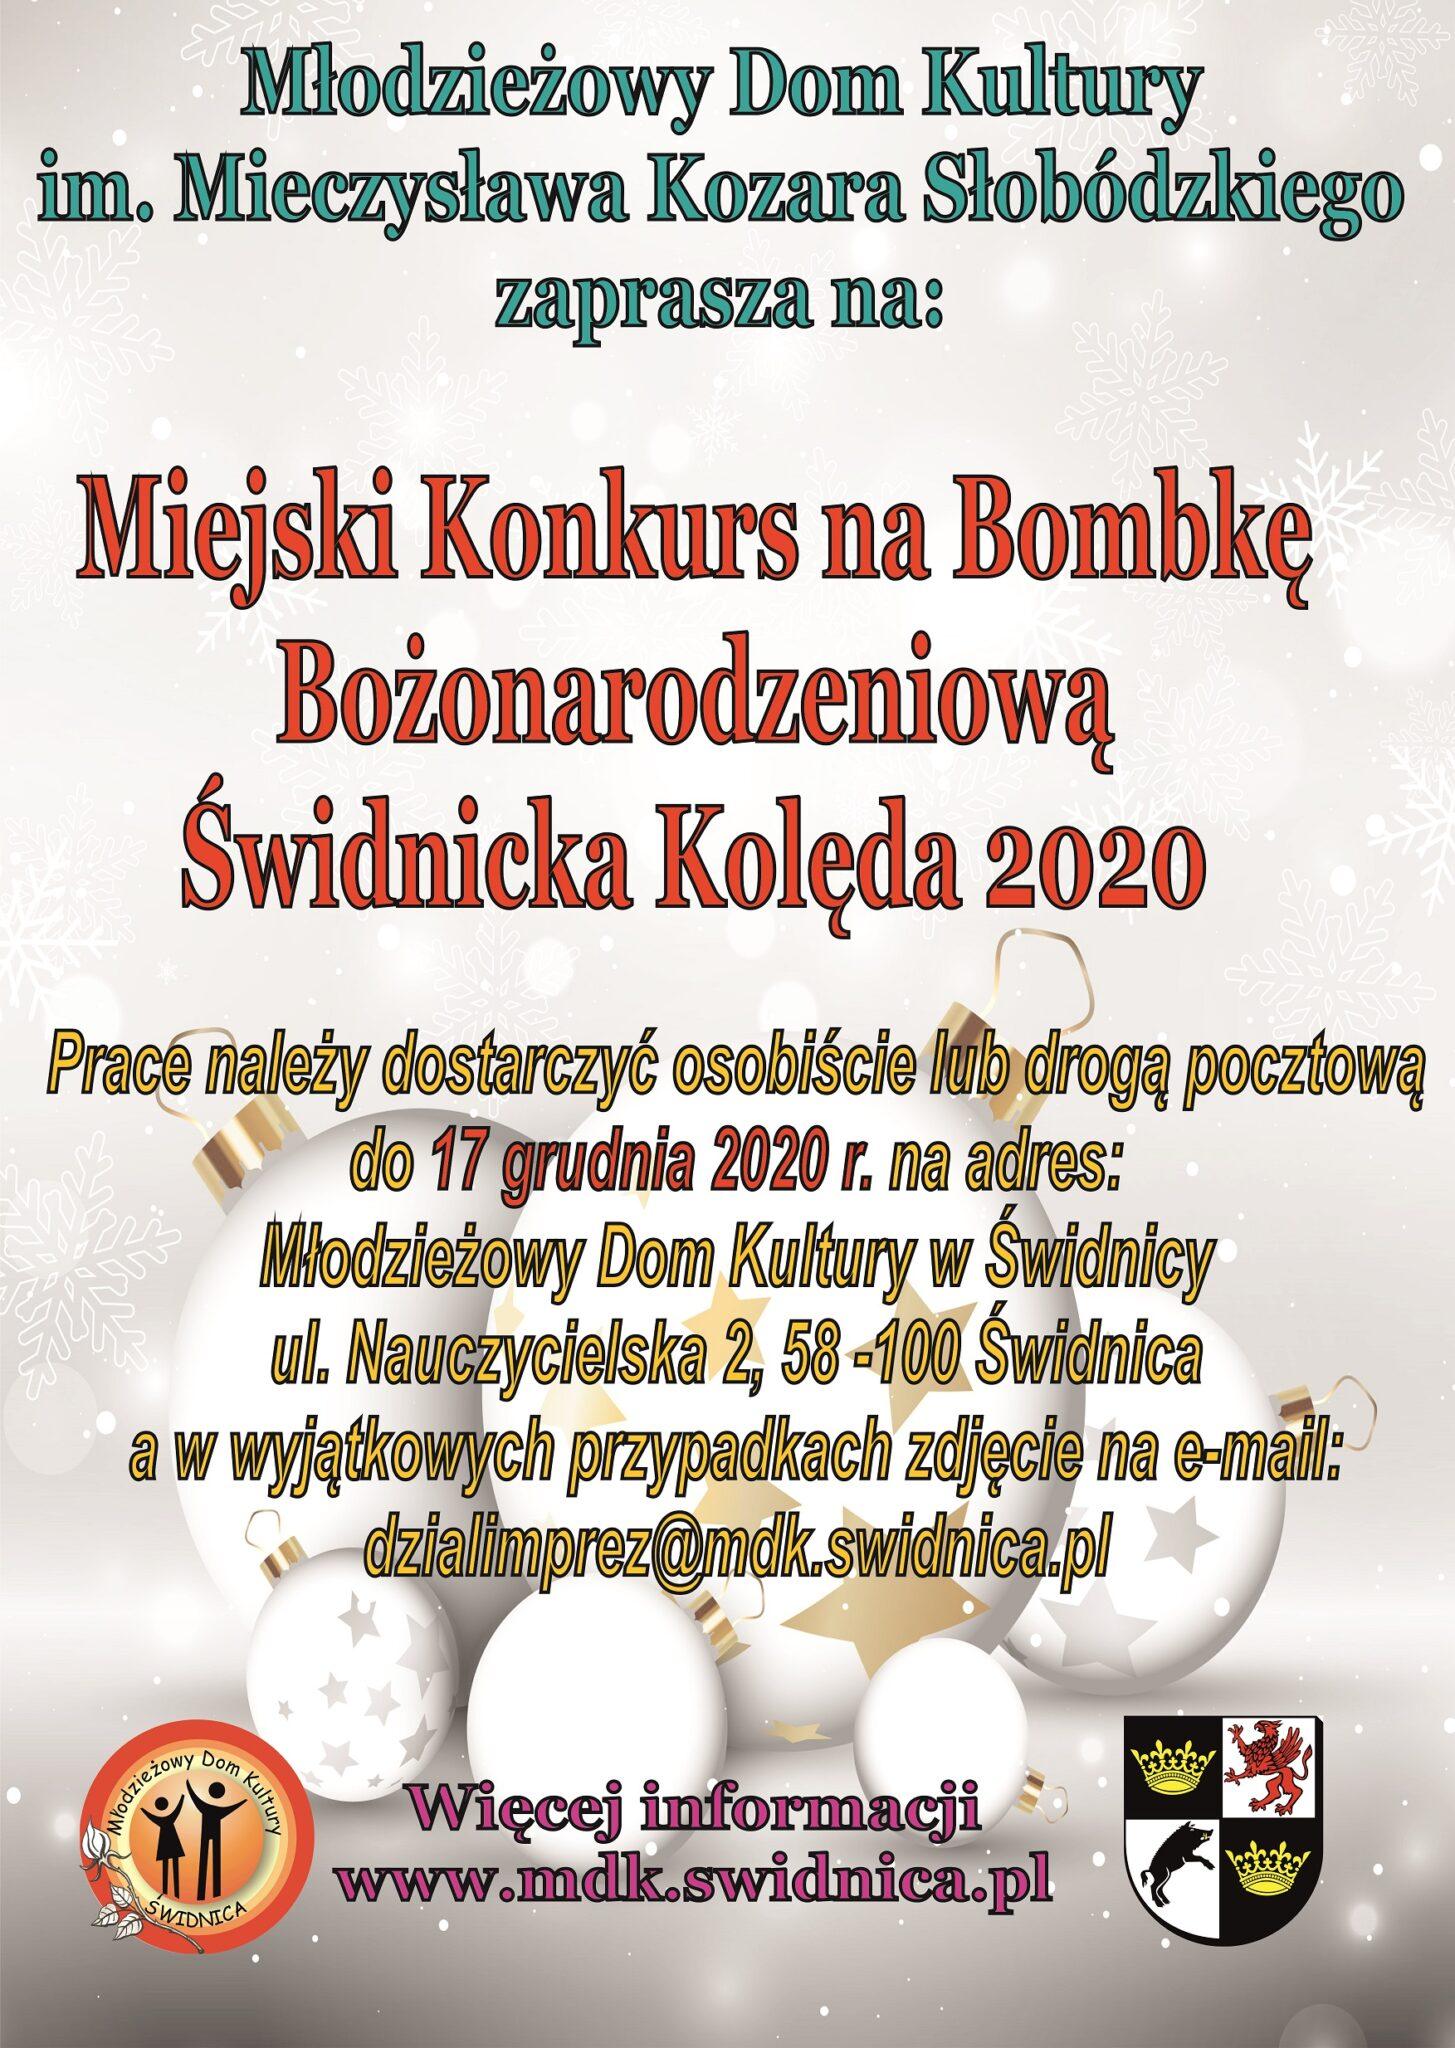 Miejski Konkurs na Bombkę Bożonarodzeniową